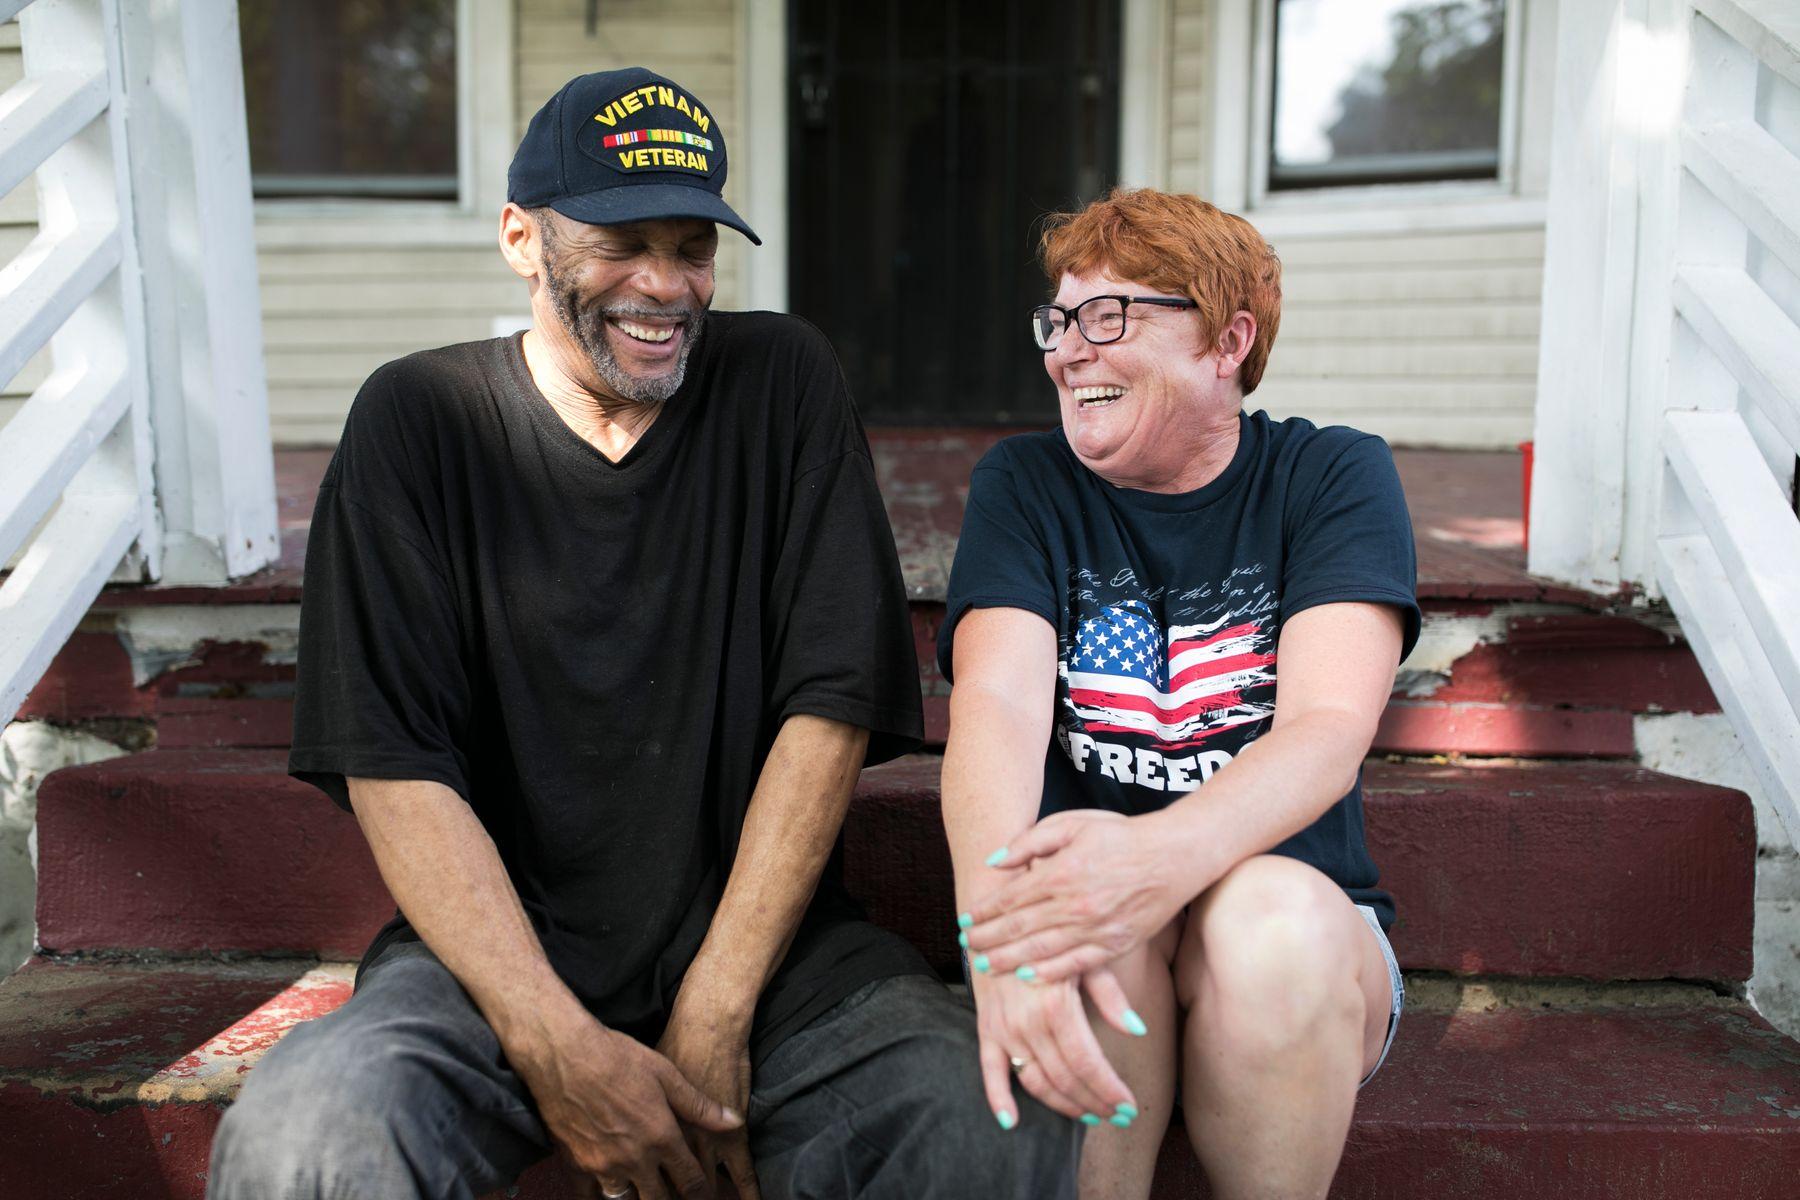 vietnam war veteran and woman laughing